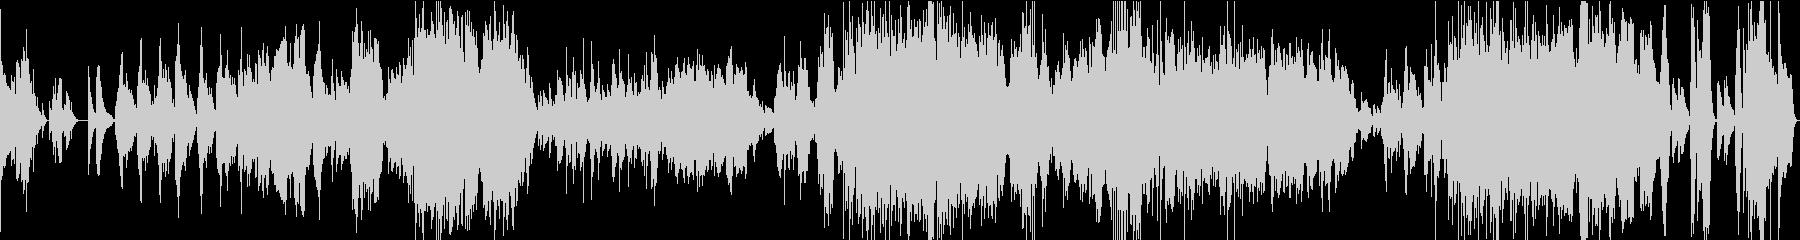 バラード第1番/ショパン・アコギの未再生の波形